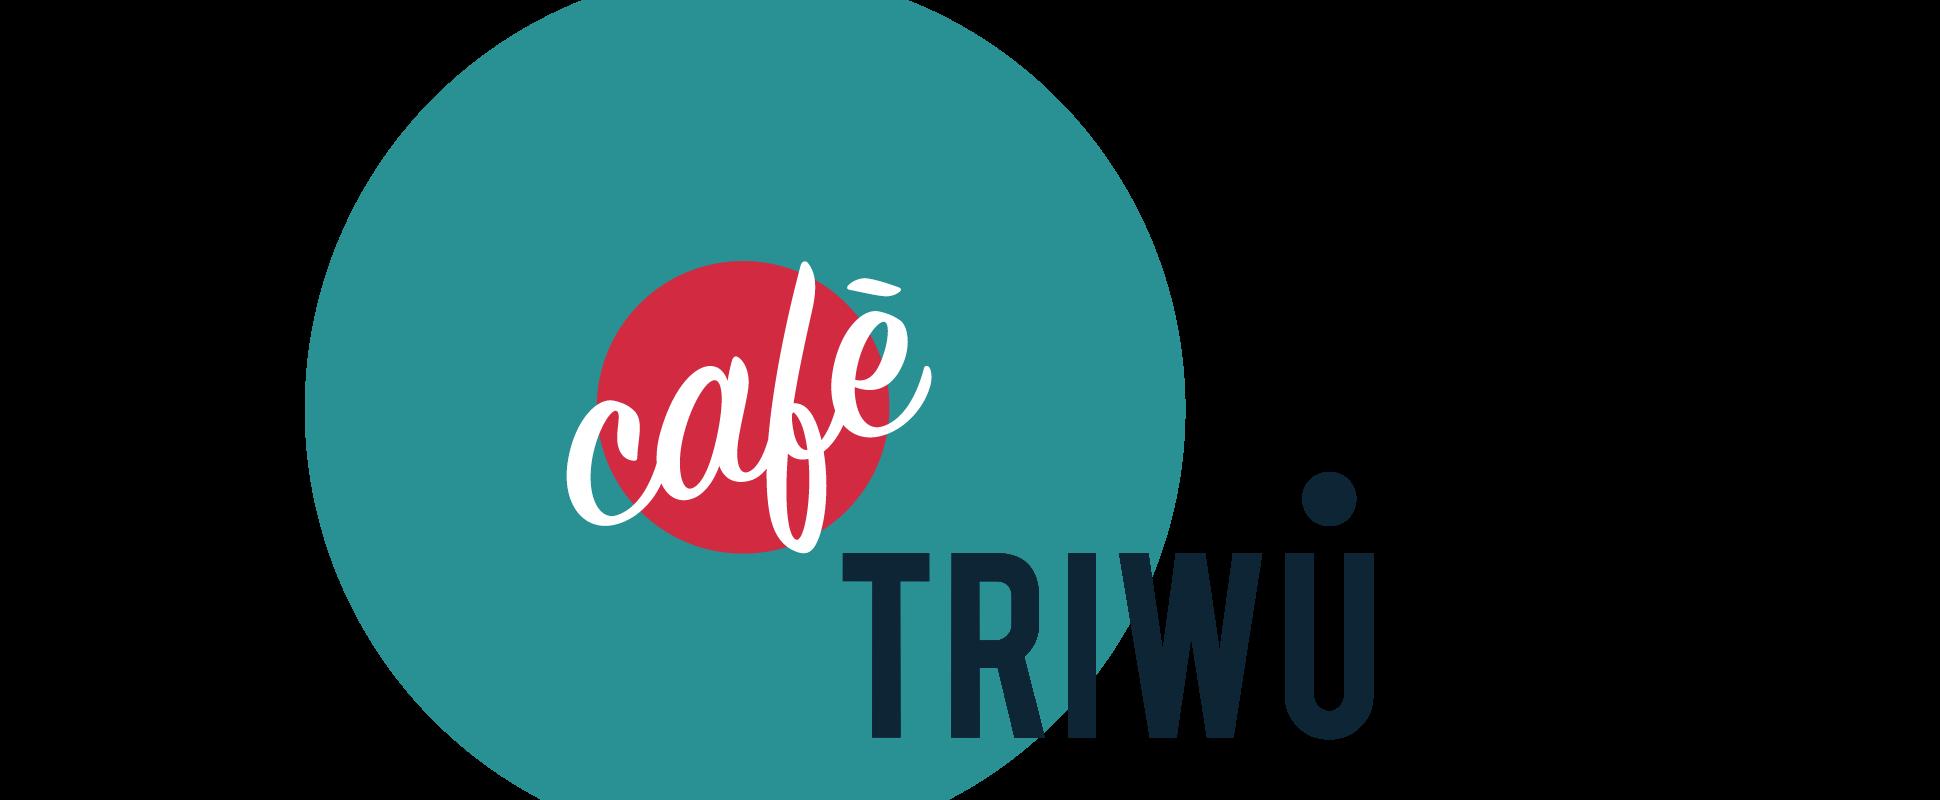 CAFE_TRIWU_3